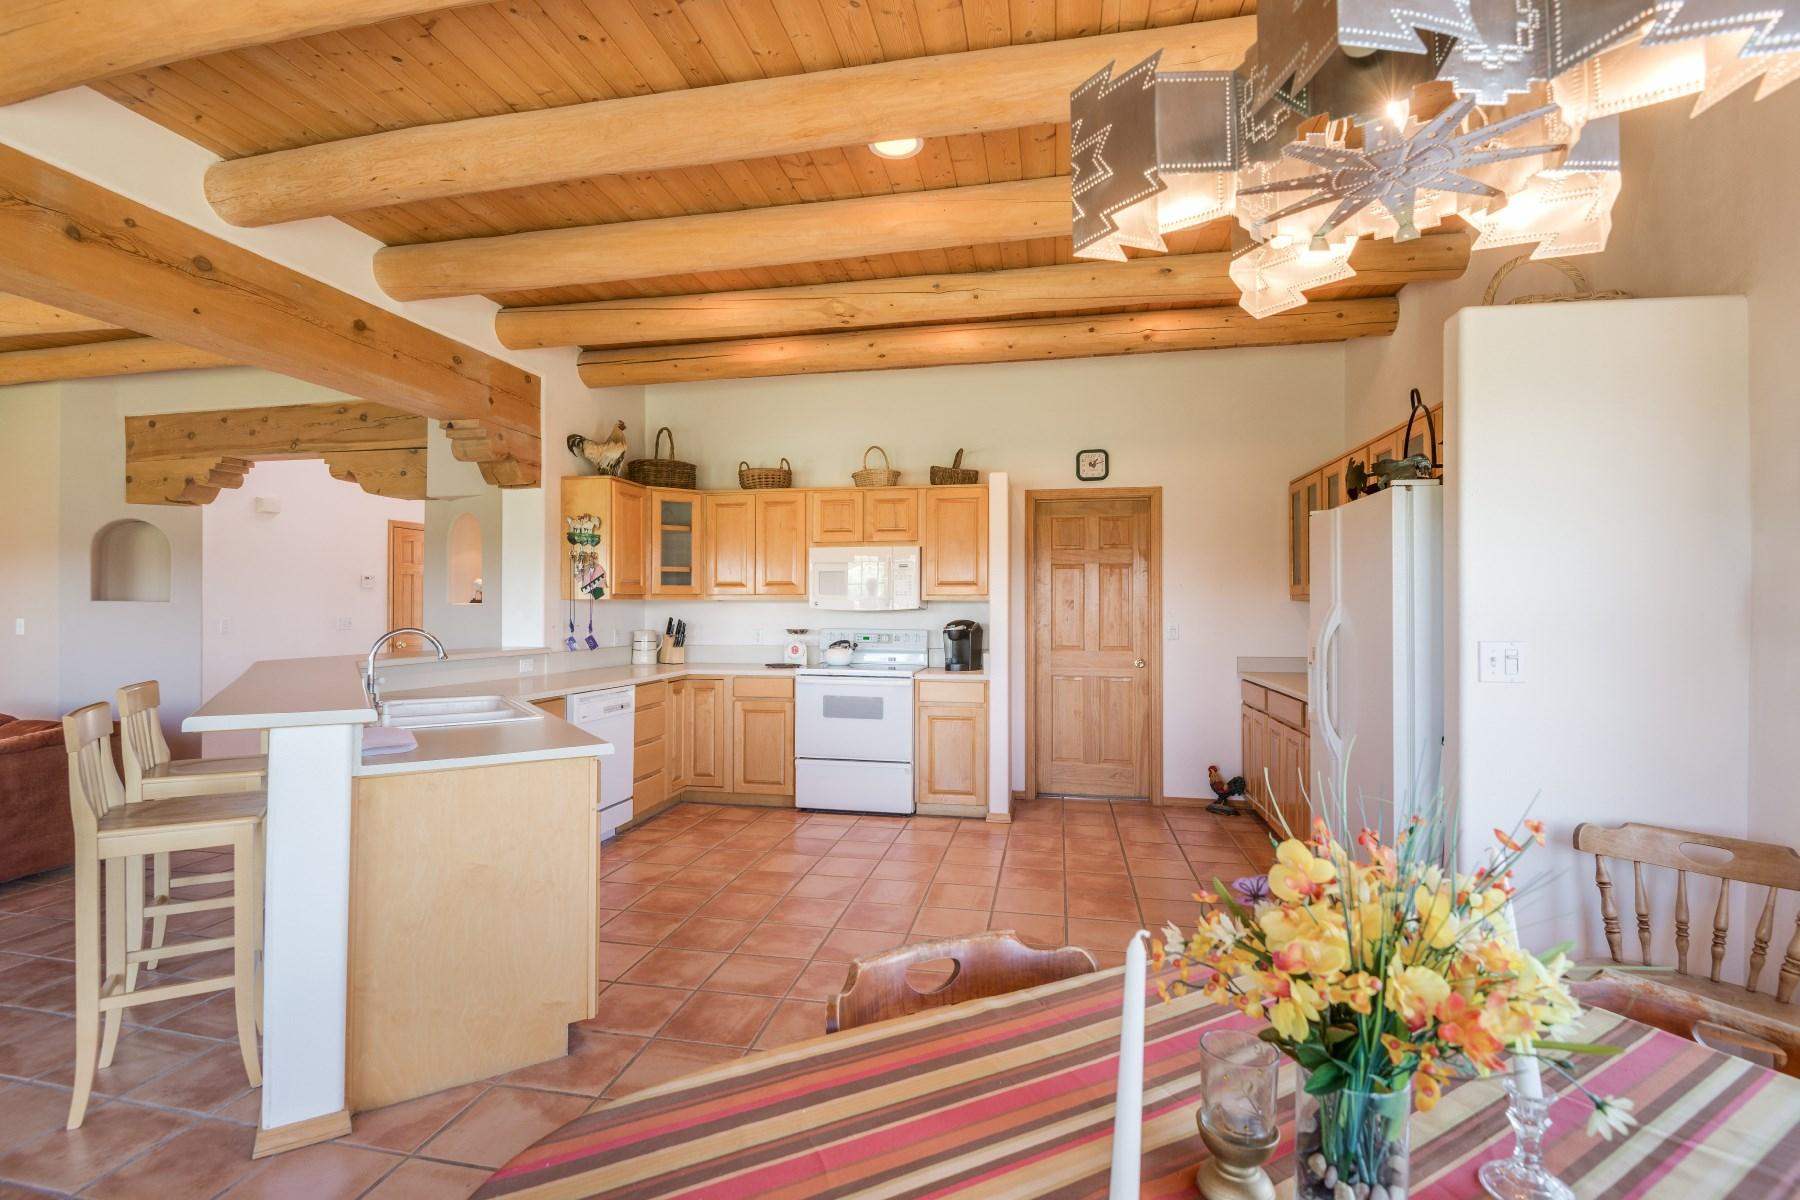 独户住宅 为 销售 在 34973 Highway 285 Ojo Caliente Serenity 卡林特, 新墨西哥州, 87549 美国